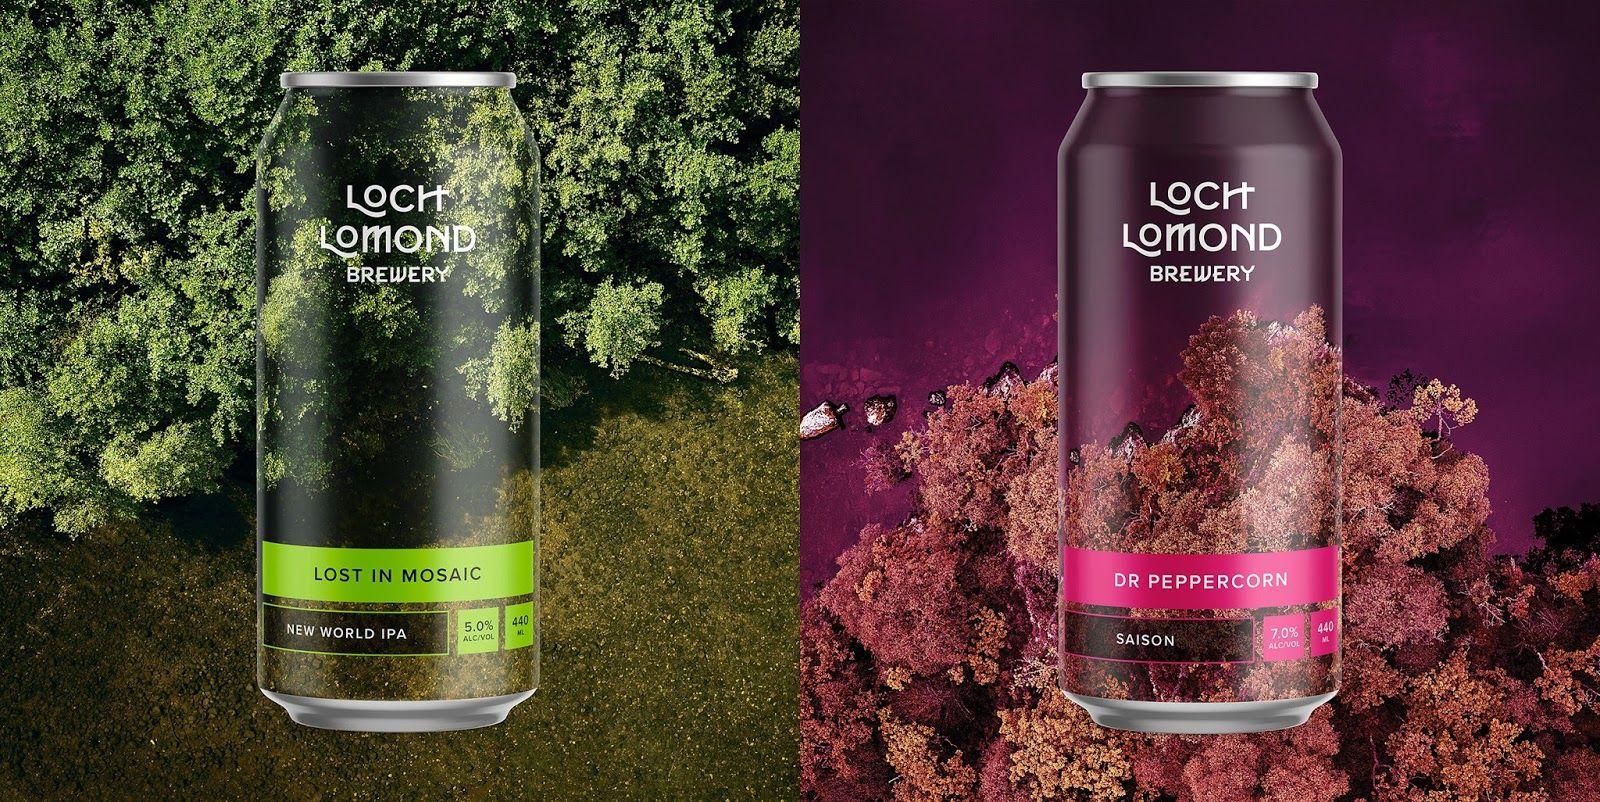 Loch Lomond Brewery - Craft Range | Beer design, Breathtaking photography,  Brewery